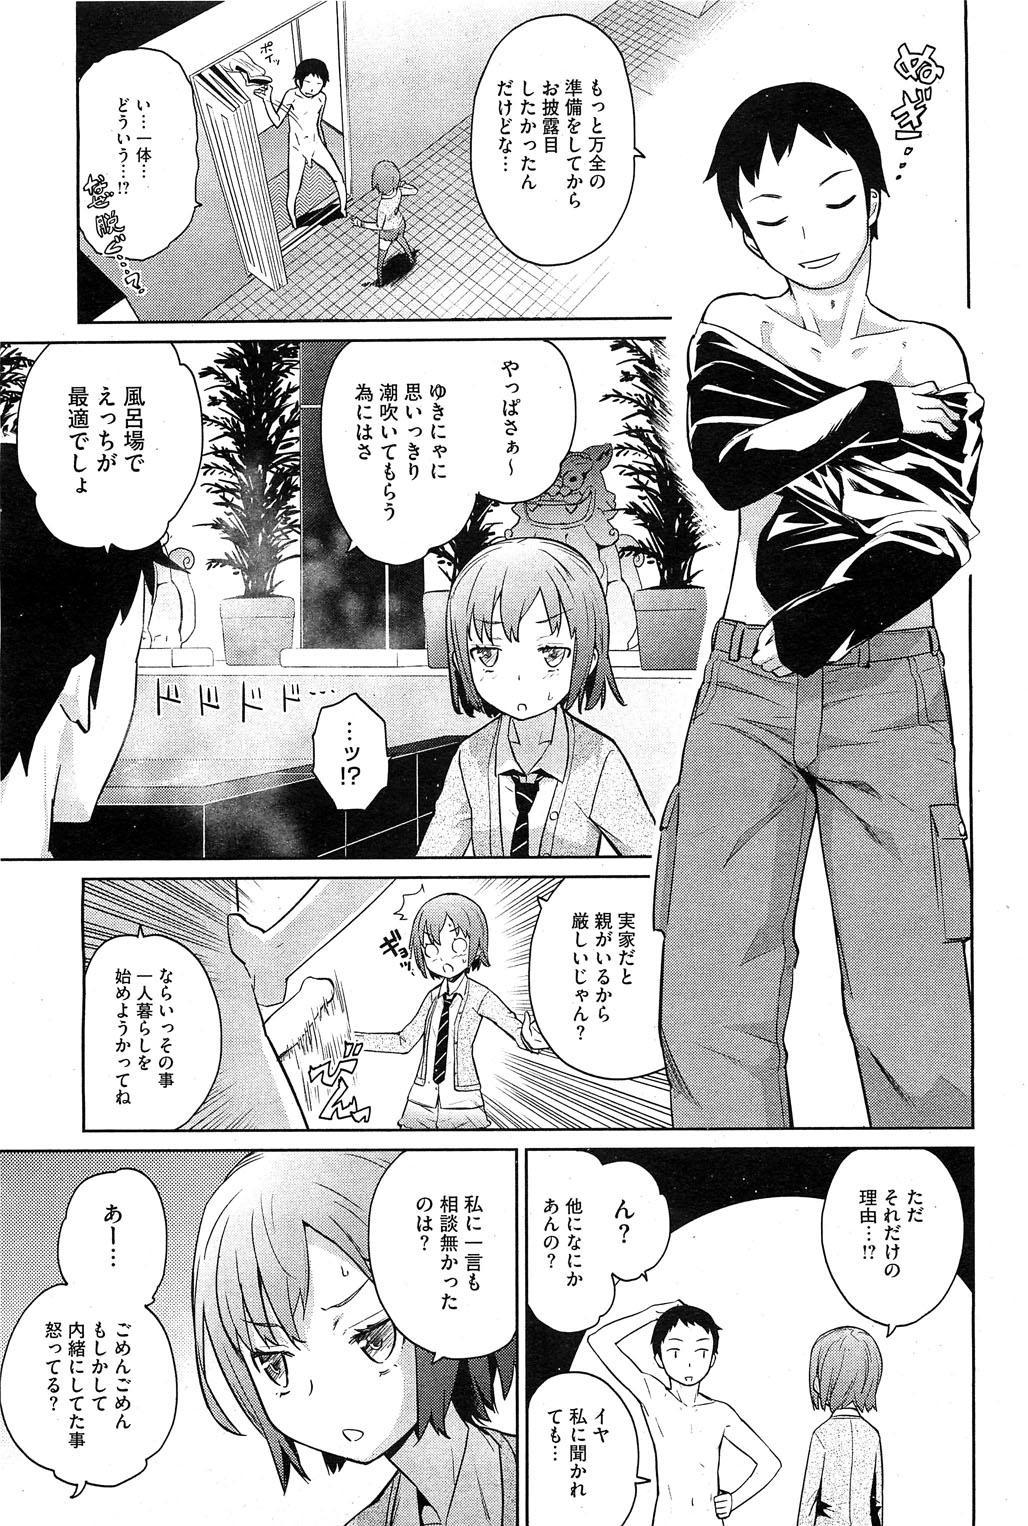 Yukinya #1-4 30